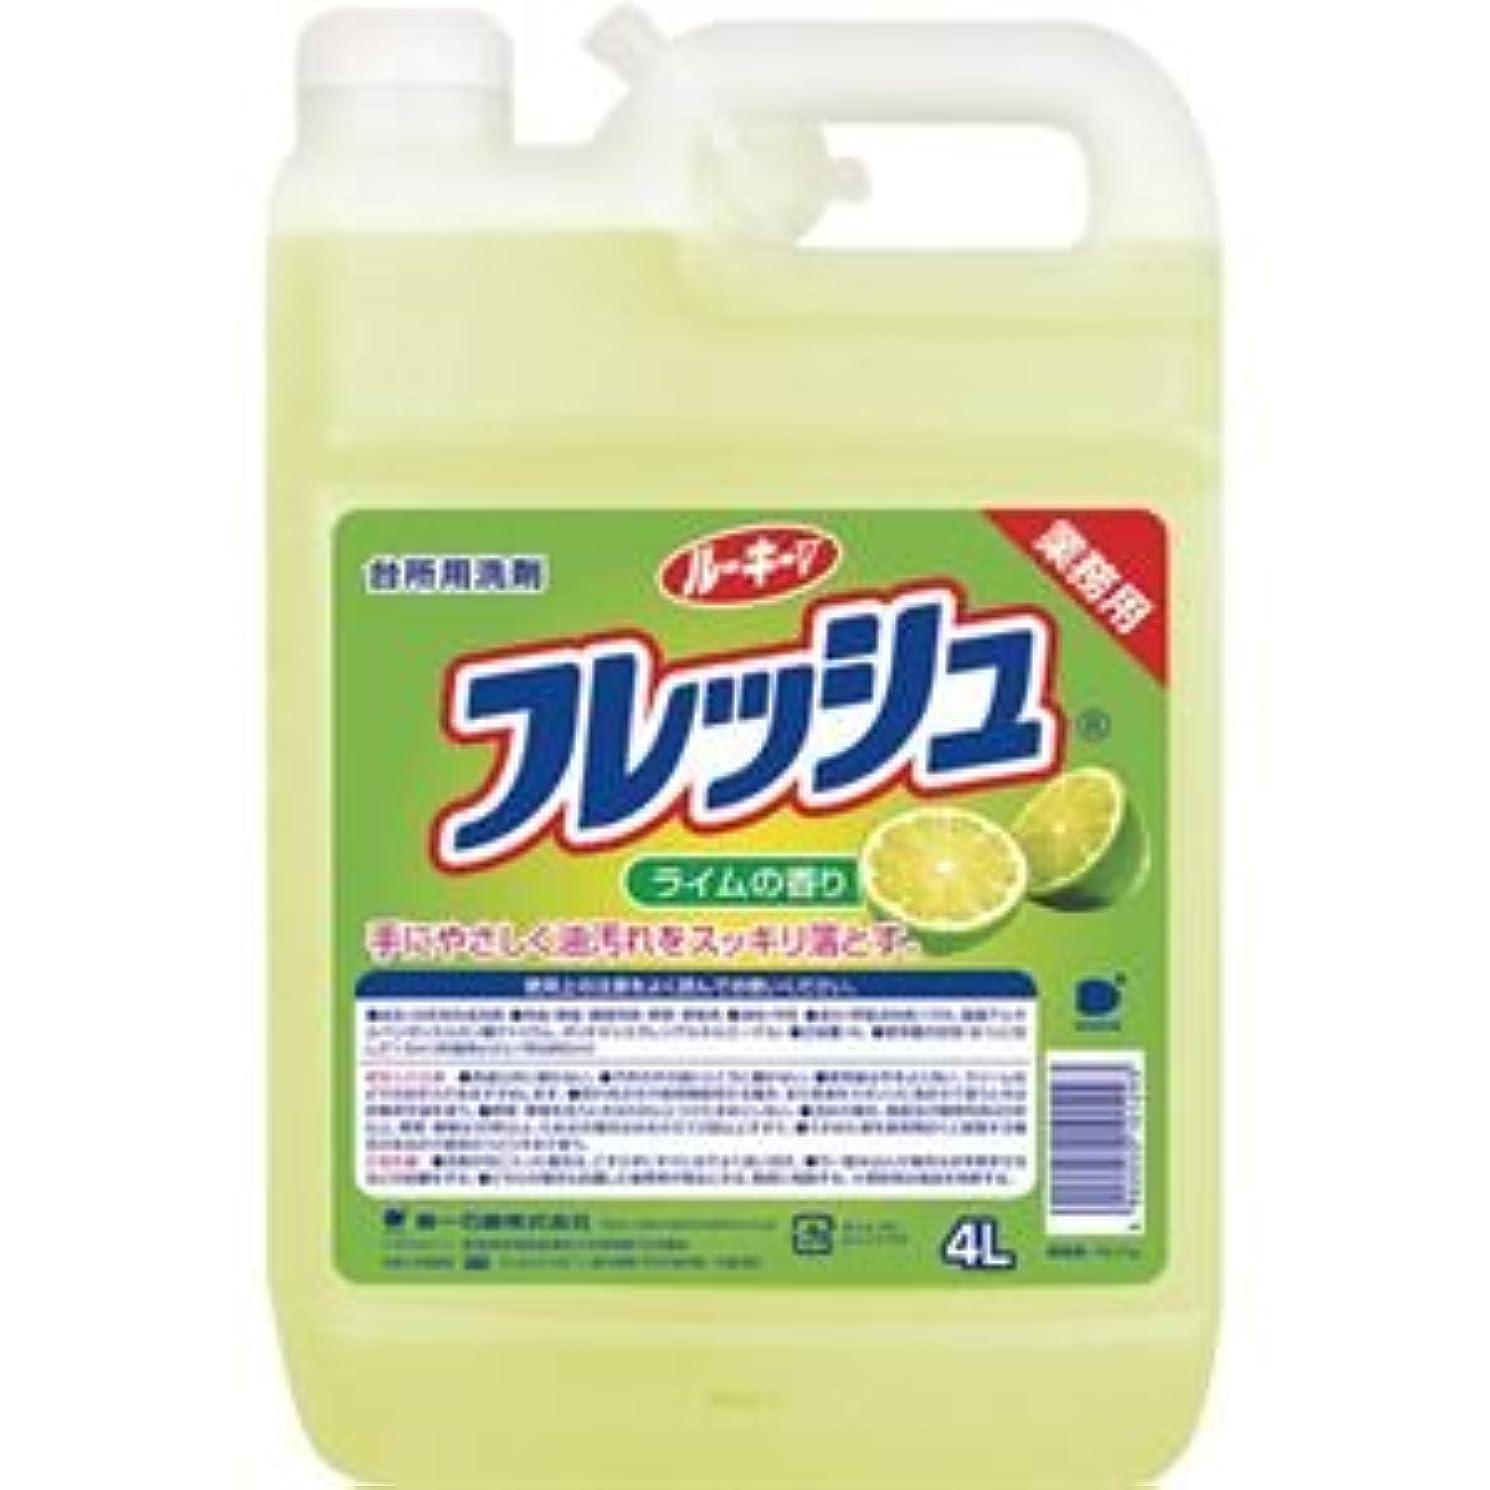 散髪伴う忠誠(まとめ) 第一石鹸 ルーキーVフレッシュ 業務用 4L 1本 【×5セット】